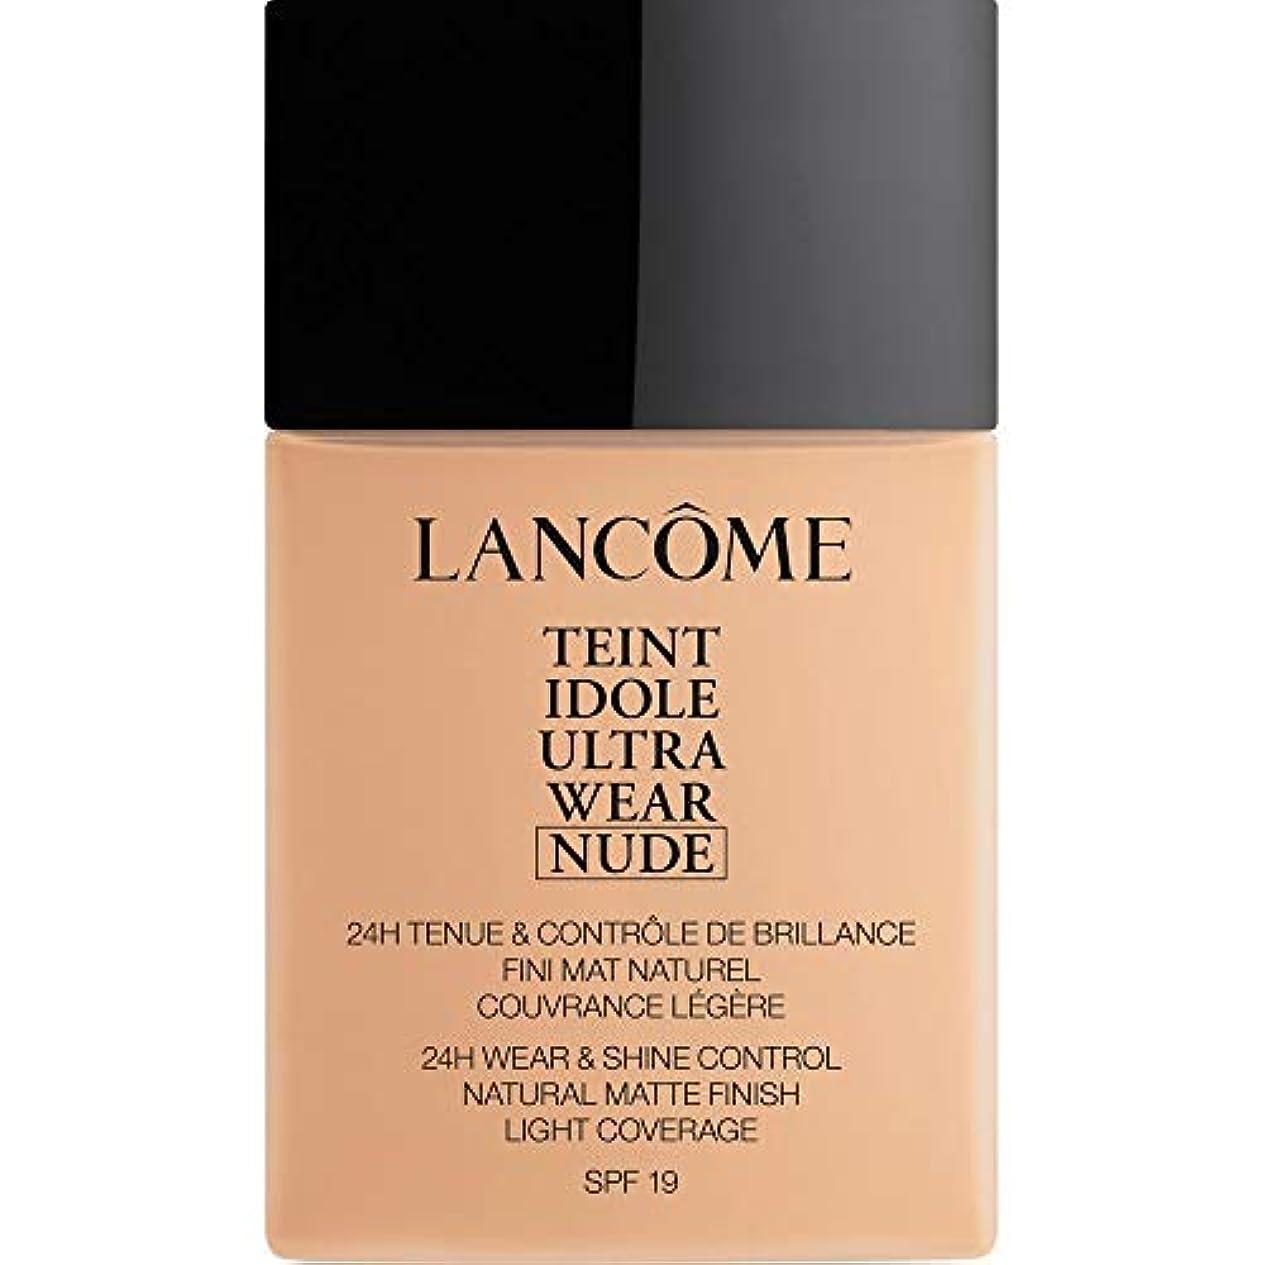 北米マスクフォージ[Lanc?me ] ランコムTeintのIdole超摩耗ヌード財団Spf19の40ミリリットル021 - ベージュジャスミン - Lancome Teint Idole Ultra Wear Nude Foundation...